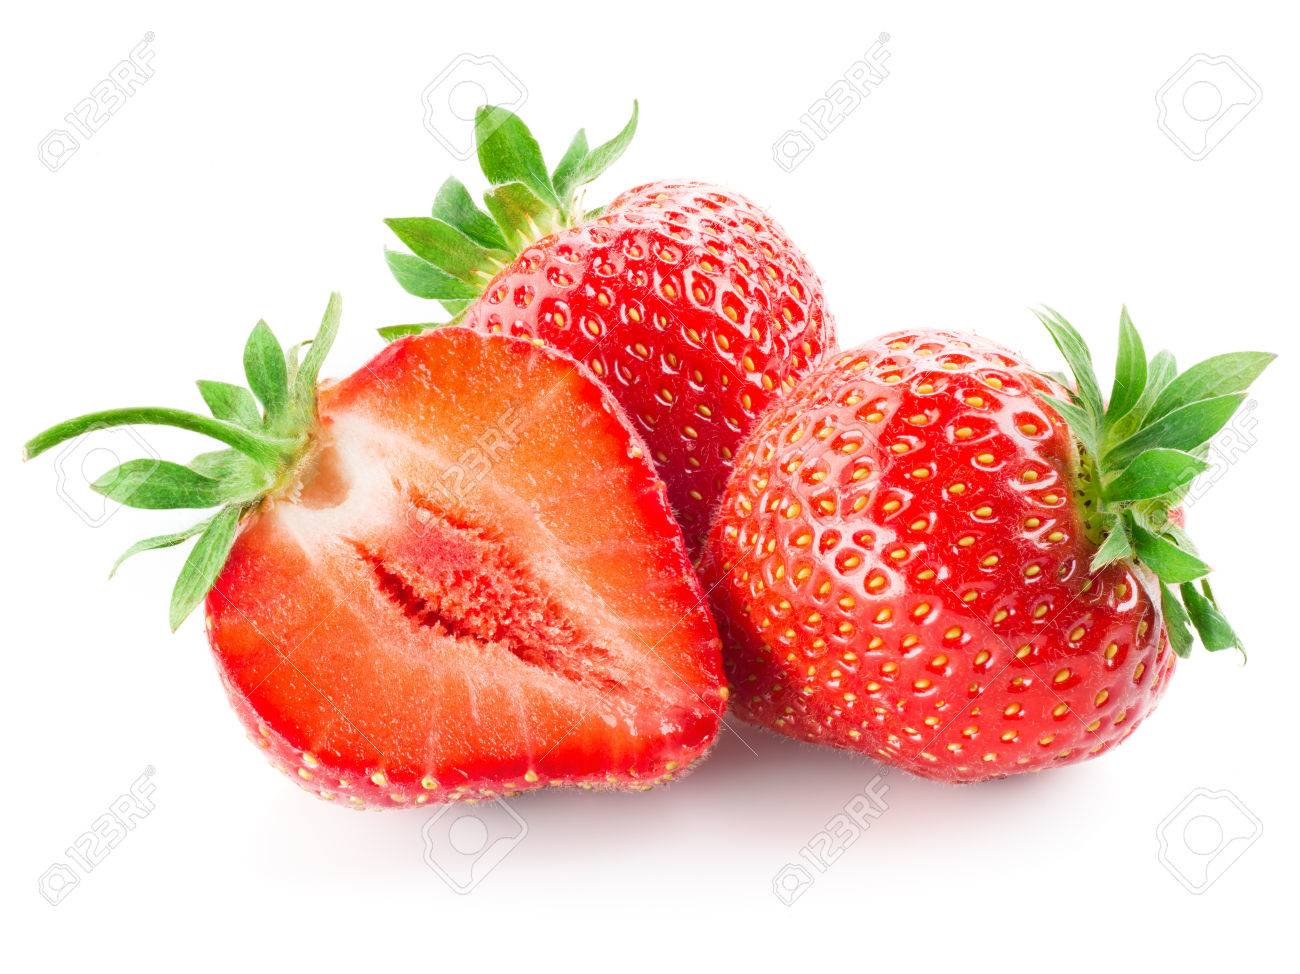 Fresh strawberry isolated on white - 54252986